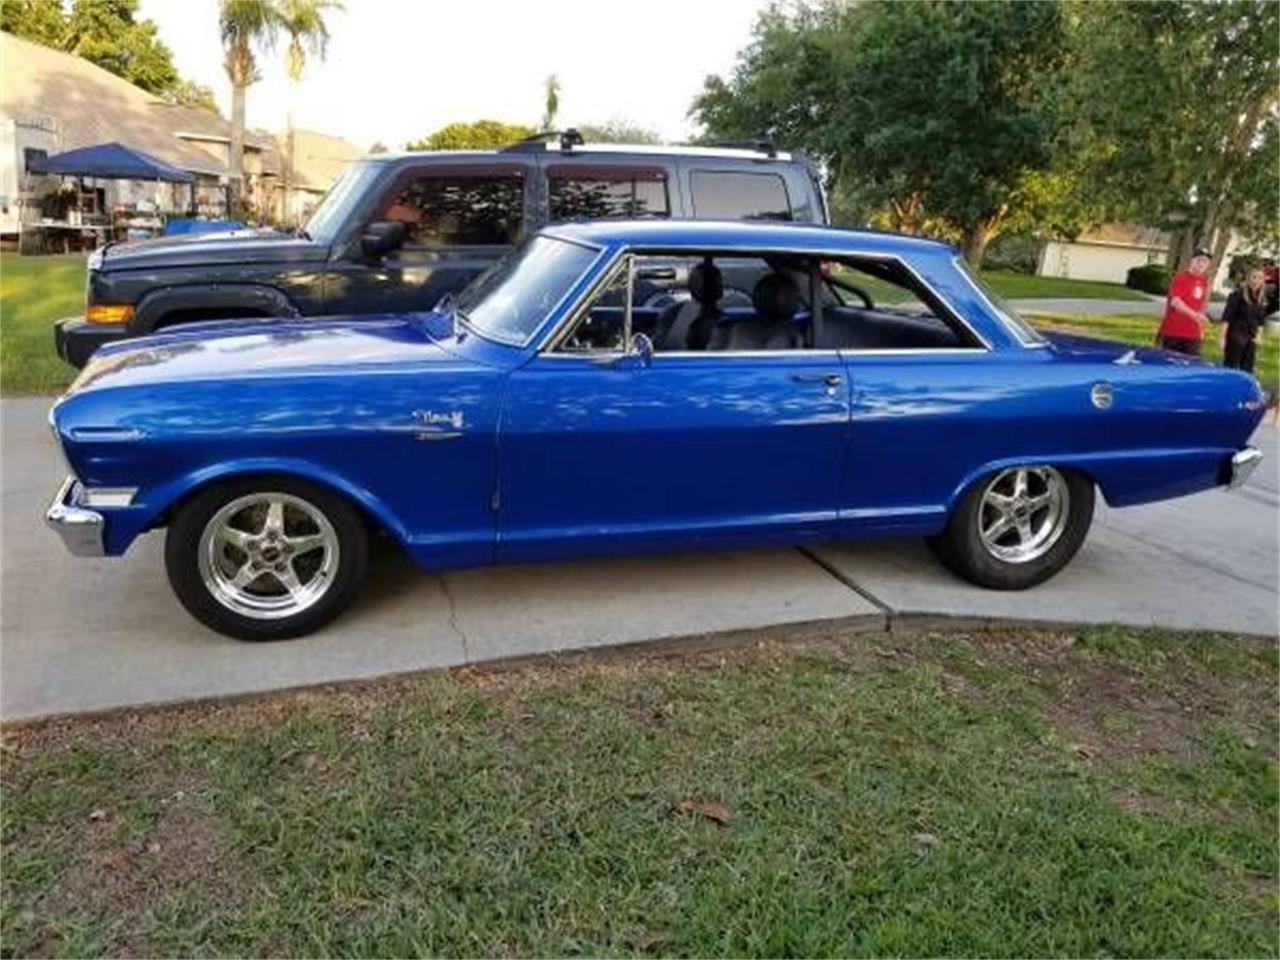 For Sale: 1967 Chevrolet Nova in Cadillac, Michigan